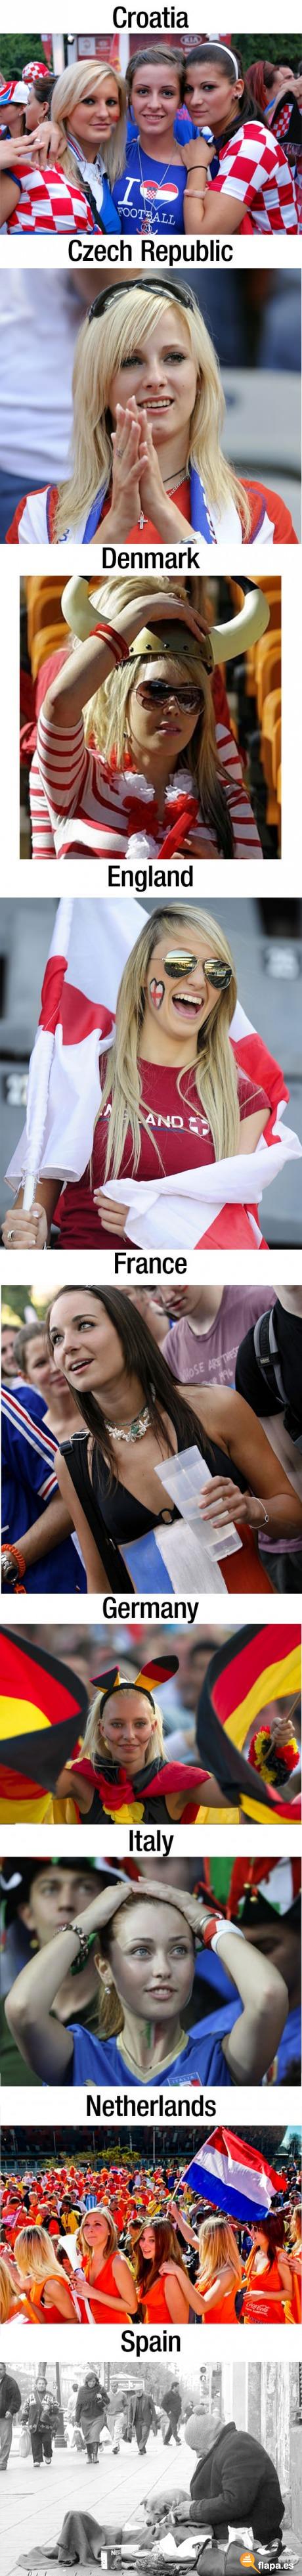 humor, viñeta, flapa, funny, eurocopa 2012, rajoy, españa, fútbol